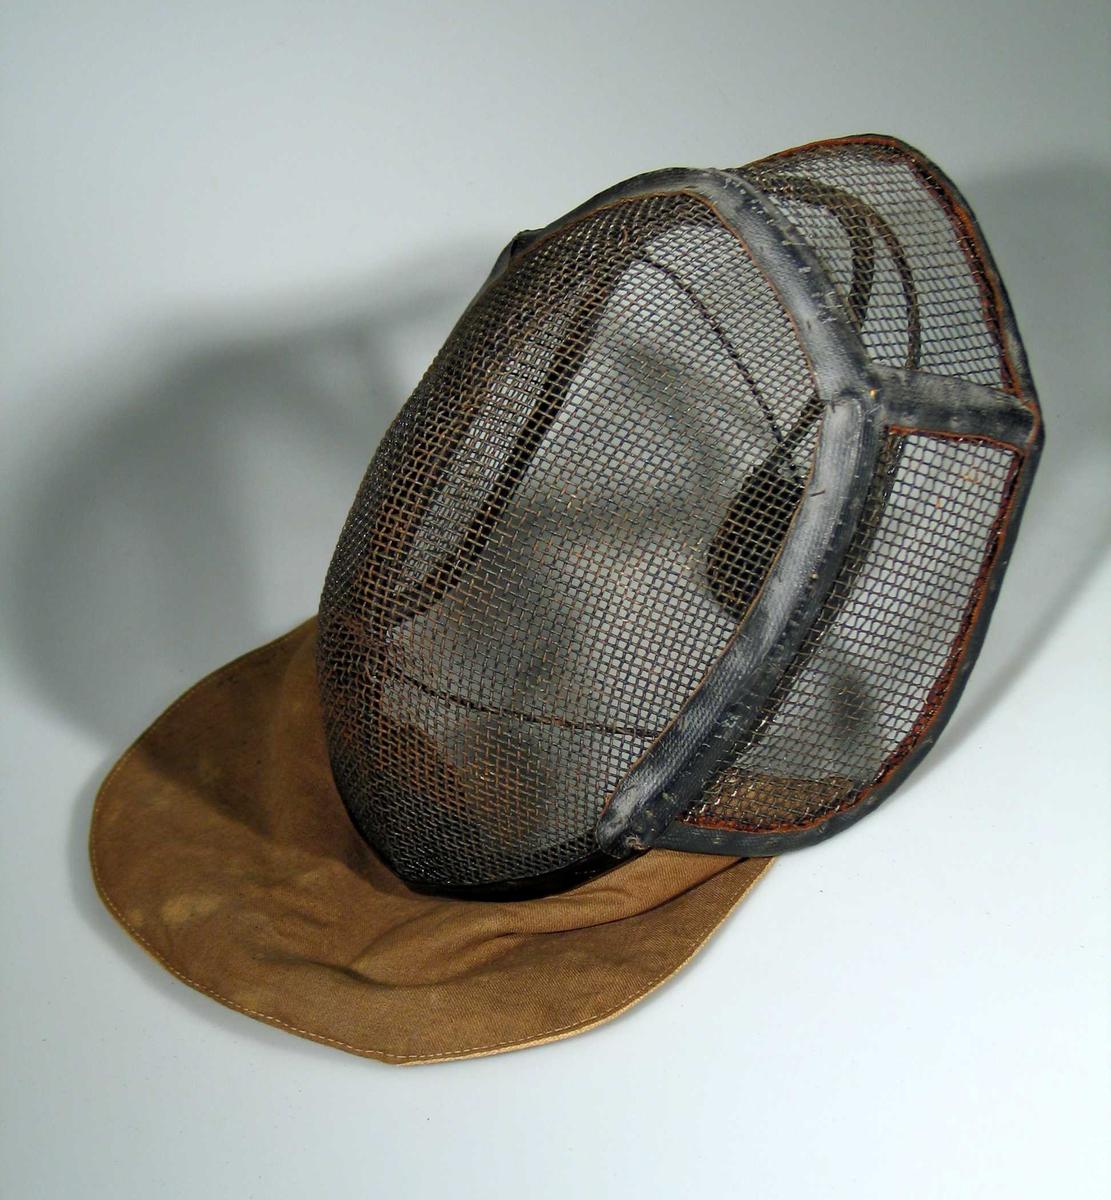 Fektemaske laget av metallgitter med bøyle bak og tettvevet dobbelt stoff foran for å beskytte halsen.